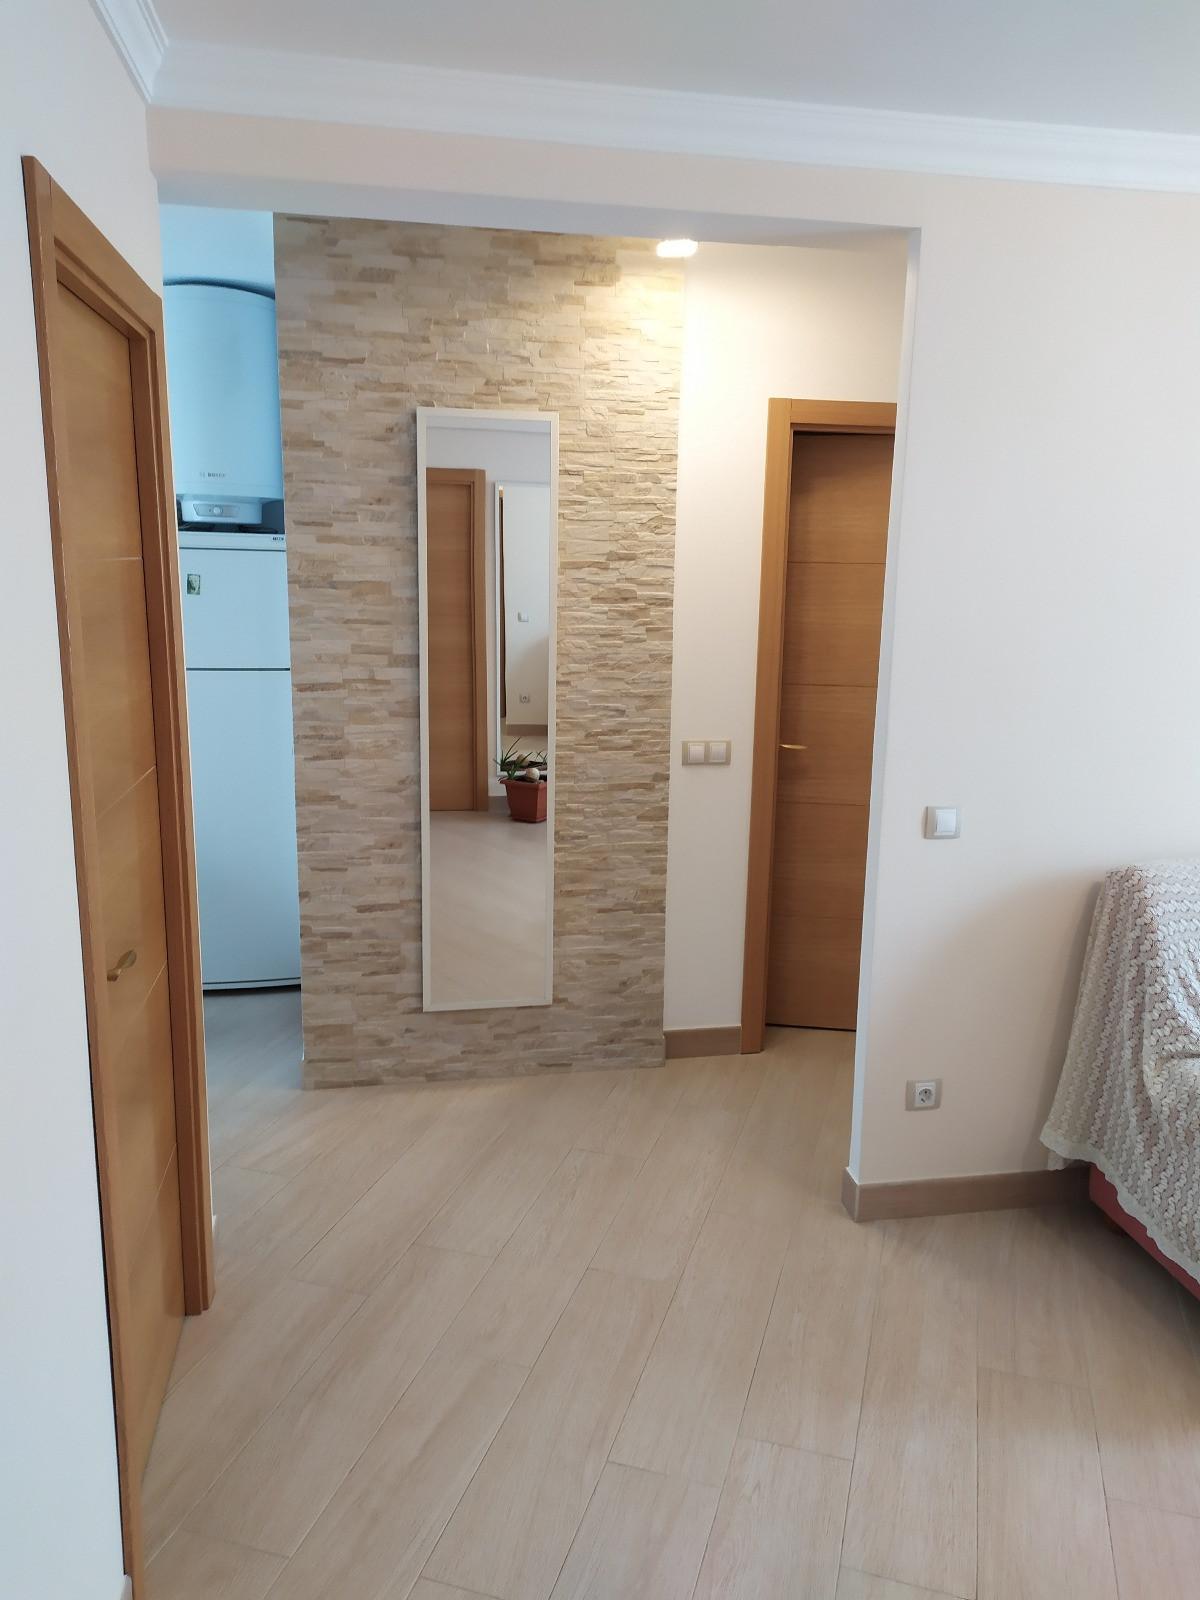 Apartment - Fuengirola - R3763804 - mibgroup.es